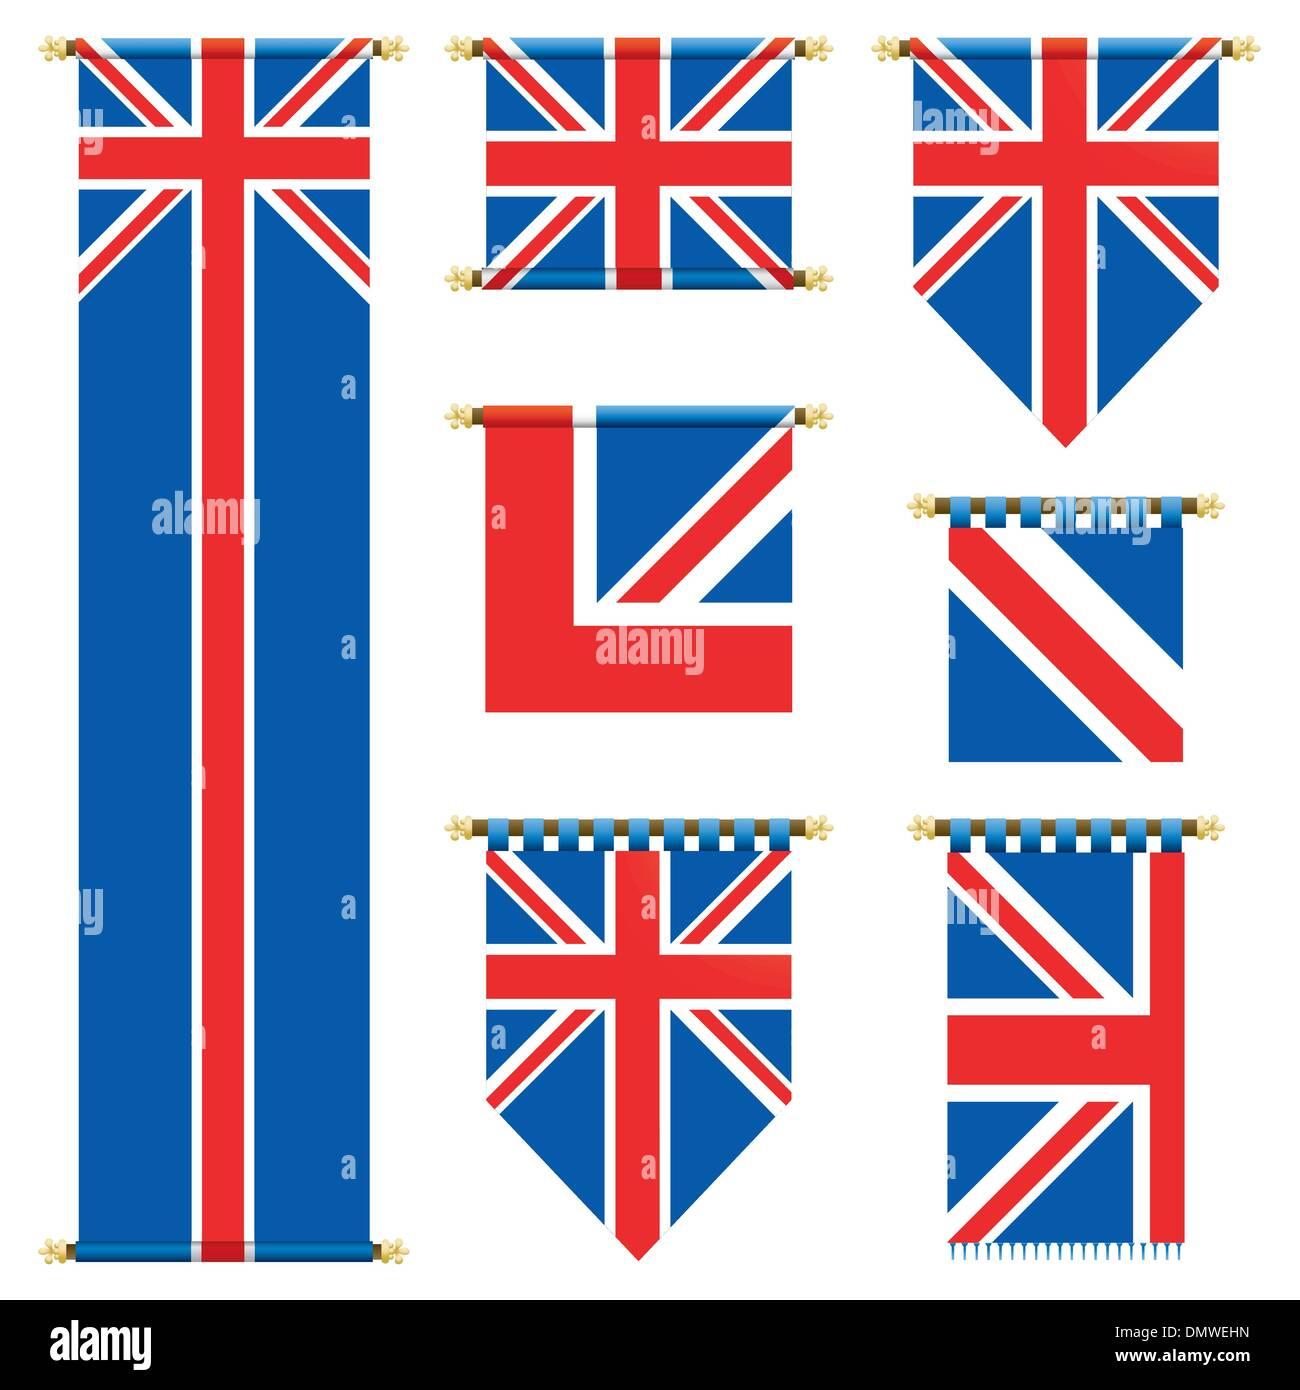 uk banners - Stock Image